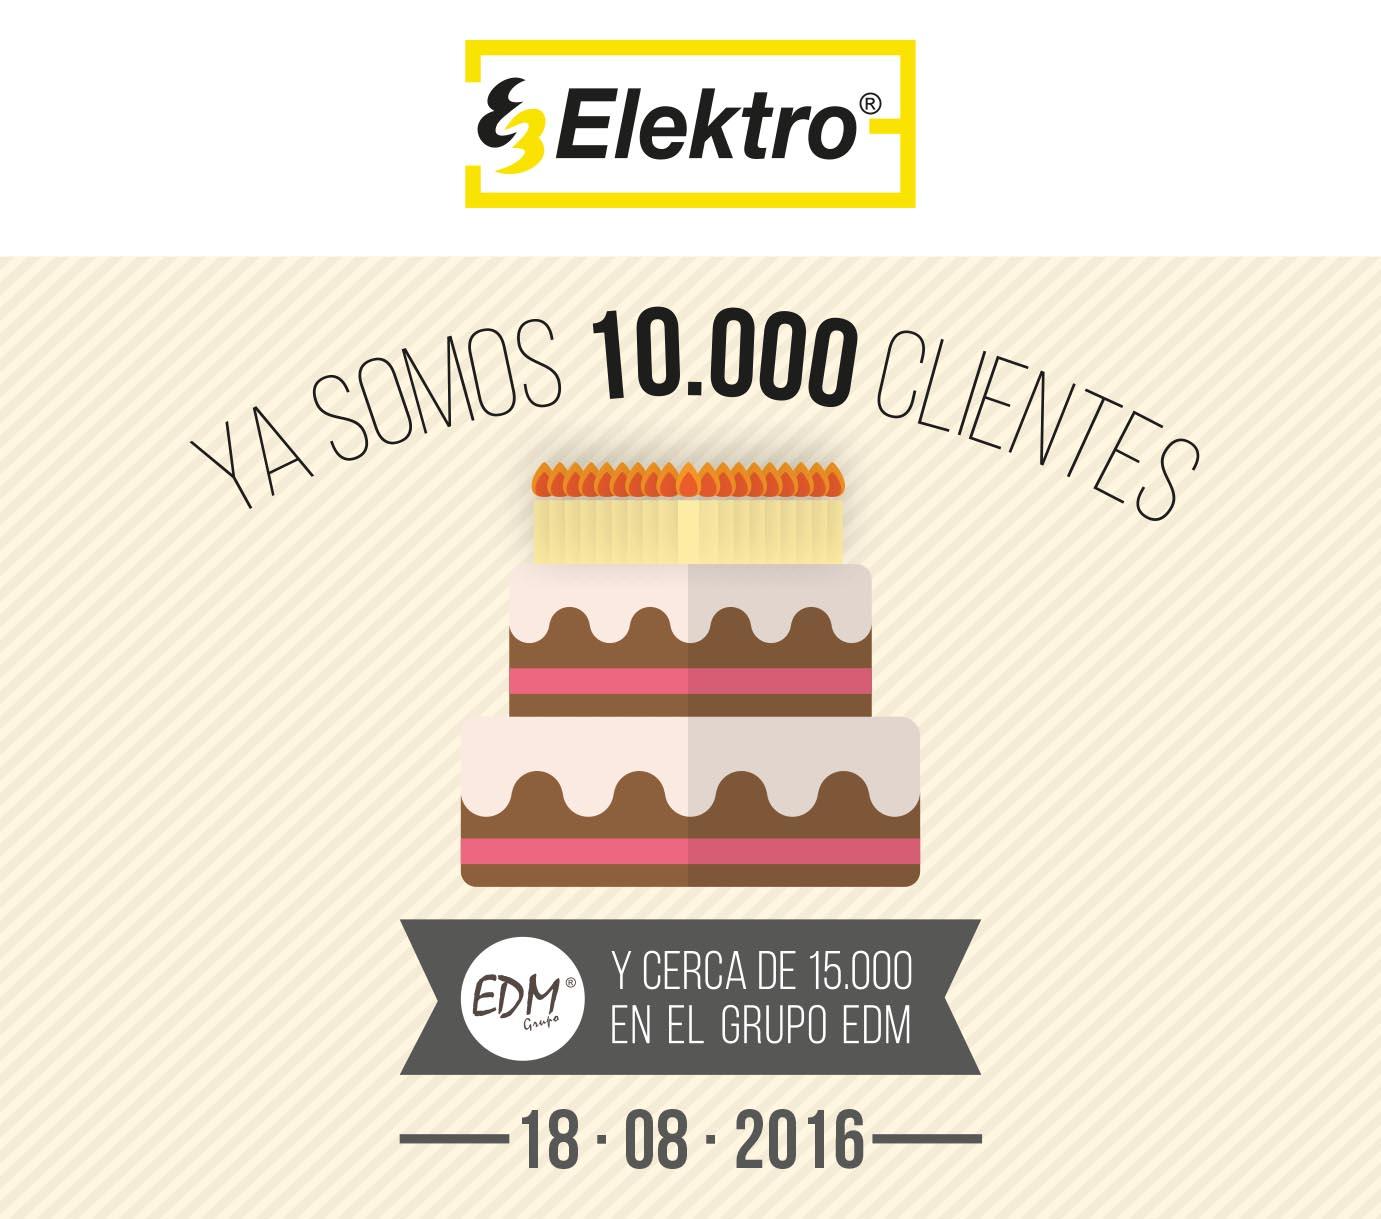 10.000 Gracias a nuestros 10.000 Clientes!!!